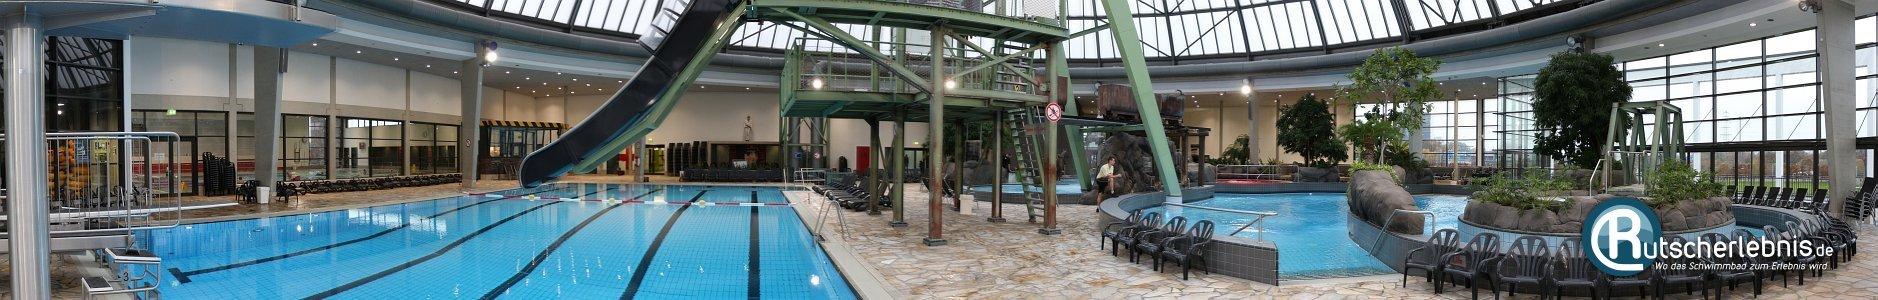 Bottrop Schwimmbad aquapark oberhausen rutscherlebnis de